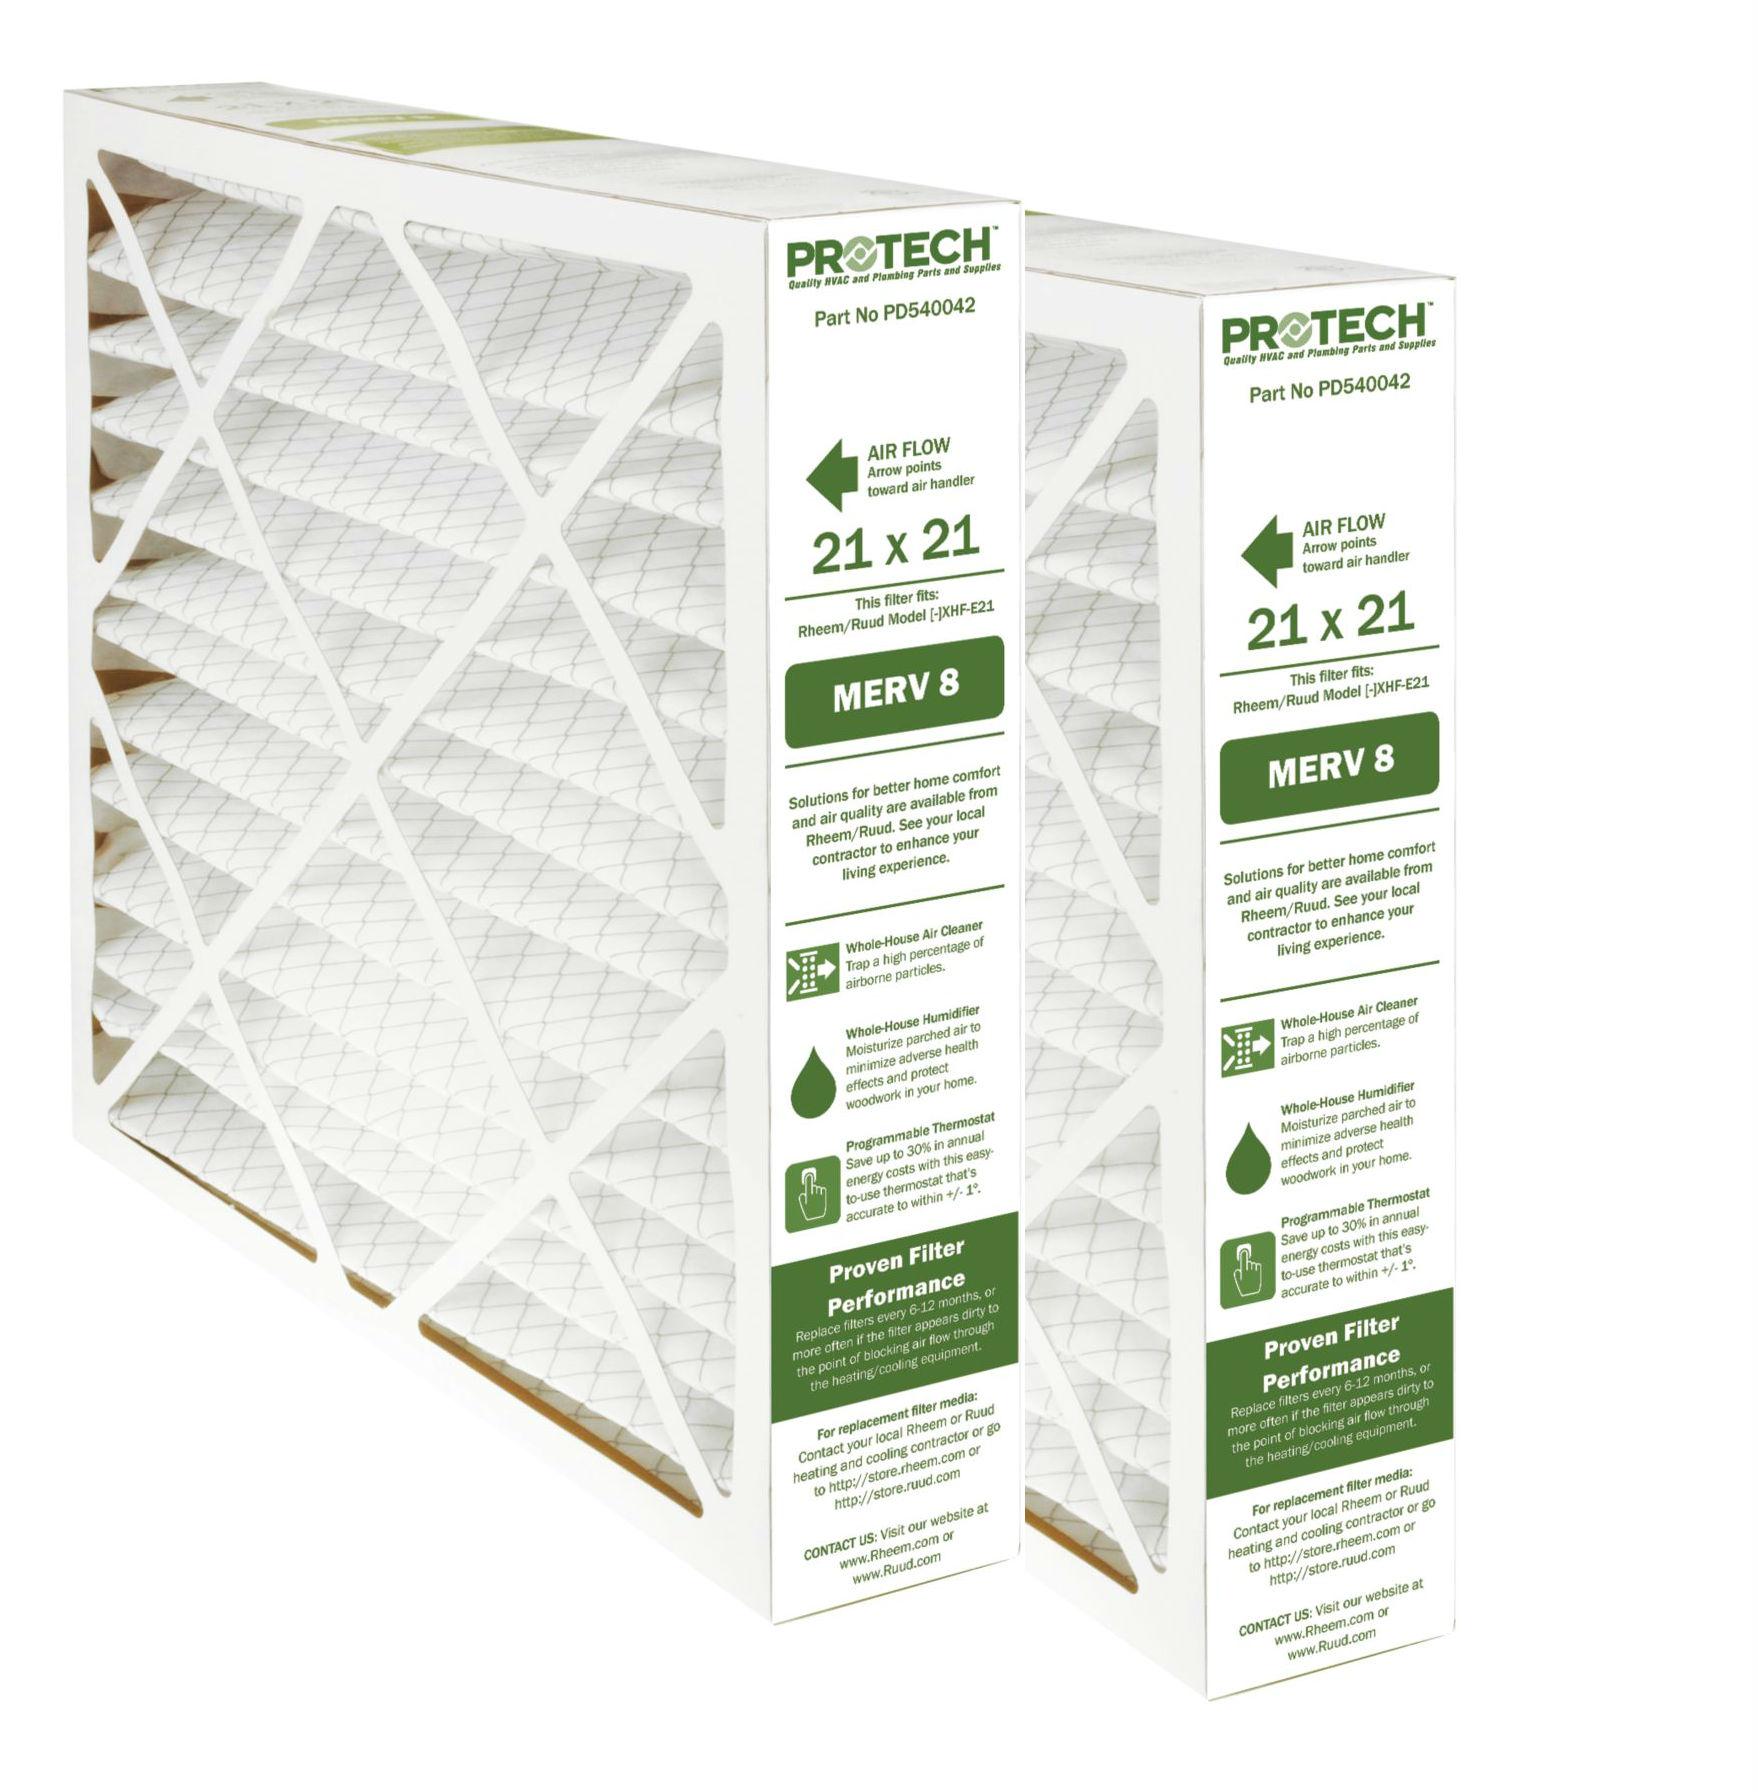 Protech MERV 8 Rheem-Ruud Replacement Filter 540042 2 Pk